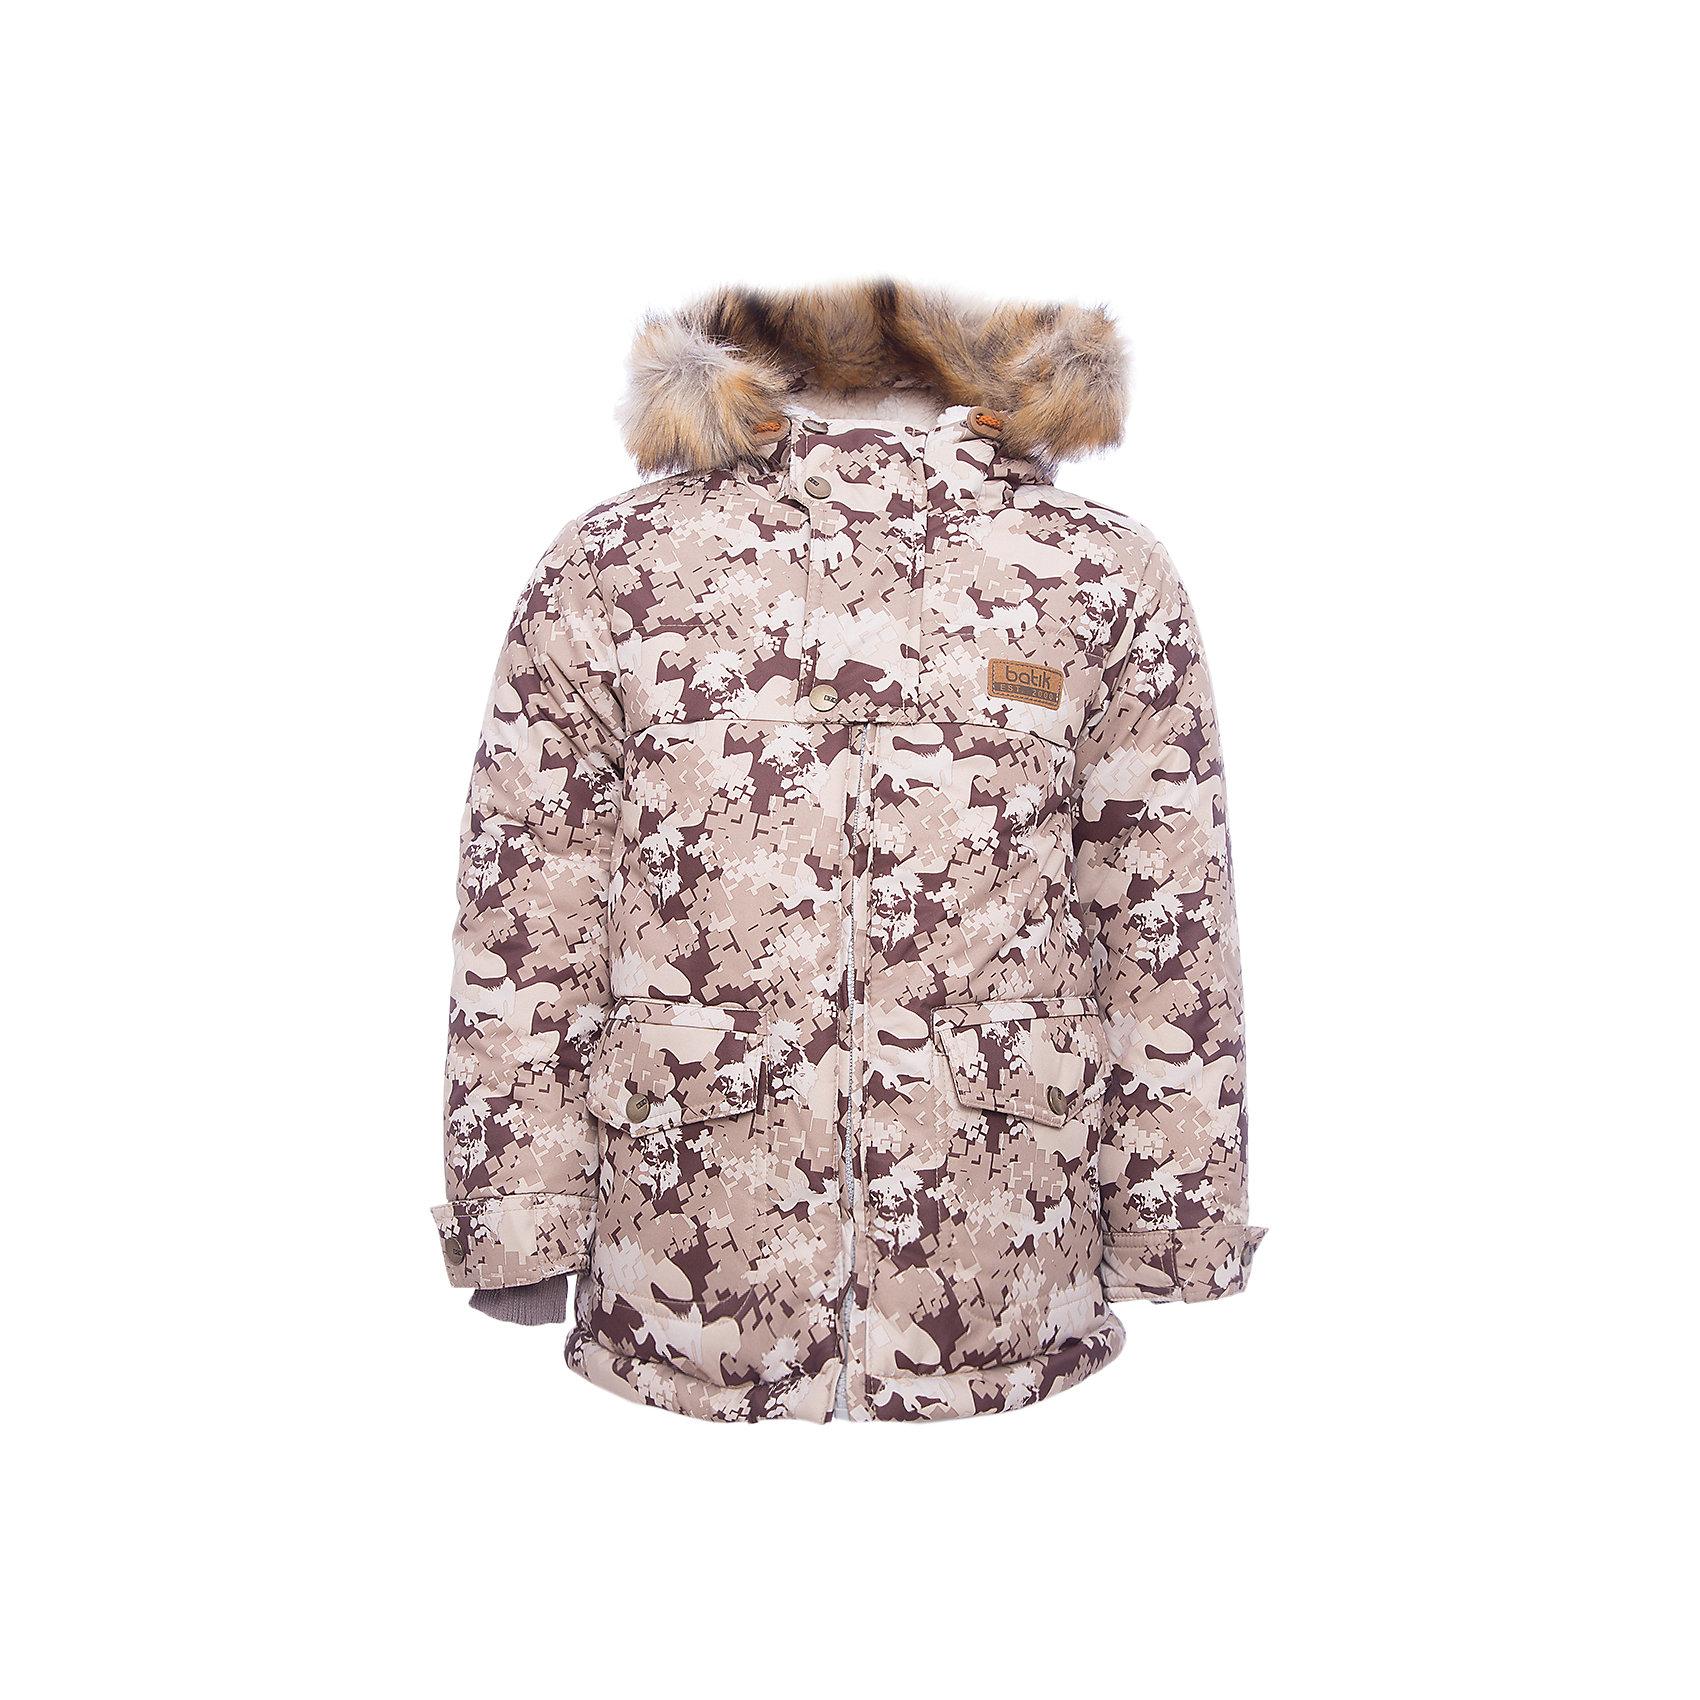 Куртка Бойд Batik для мальчикаВерхняя одежда<br>Характеристики товара:<br><br>• цвет: серый<br>• состав ткани: Poly 051 lamination <br>• подкладка: мех подкладочный под овчину <br>• утеплитель: термофин<br>• сезон: зима<br>• мембранное покрытие<br>• температурный режим: от -35 до 0<br>• водонепроницаемость: 5000 мм <br>• паропроницаемость: 5000 г/м2<br>• плотность утеплителя: 300 г/м2<br>• застежка: молния<br>• капюшон: с мехом<br>• страна бренда: Россия<br>• страна изготовитель: Россия<br><br>Детская зимняя куртка стильная и теплая. Мембранное покрытие детской куртки не задерживает воздух, но защищает от влаги, ветра и холода. Модная куртка Batik для мальчика рассчитана даже на сильные морозы. Детская куртка от бренда Batik отличается продуманным дизайном. <br><br>Куртку Бойд Batik (Батик) для мальчика можно купить в нашем интернет-магазине.<br><br>Ширина мм: 356<br>Глубина мм: 10<br>Высота мм: 245<br>Вес г: 519<br>Цвет: коричневый<br>Возраст от месяцев: 72<br>Возраст до месяцев: 84<br>Пол: Мужской<br>Возраст: Детский<br>Размер: 122,92,98,104,110,116<br>SKU: 7028059